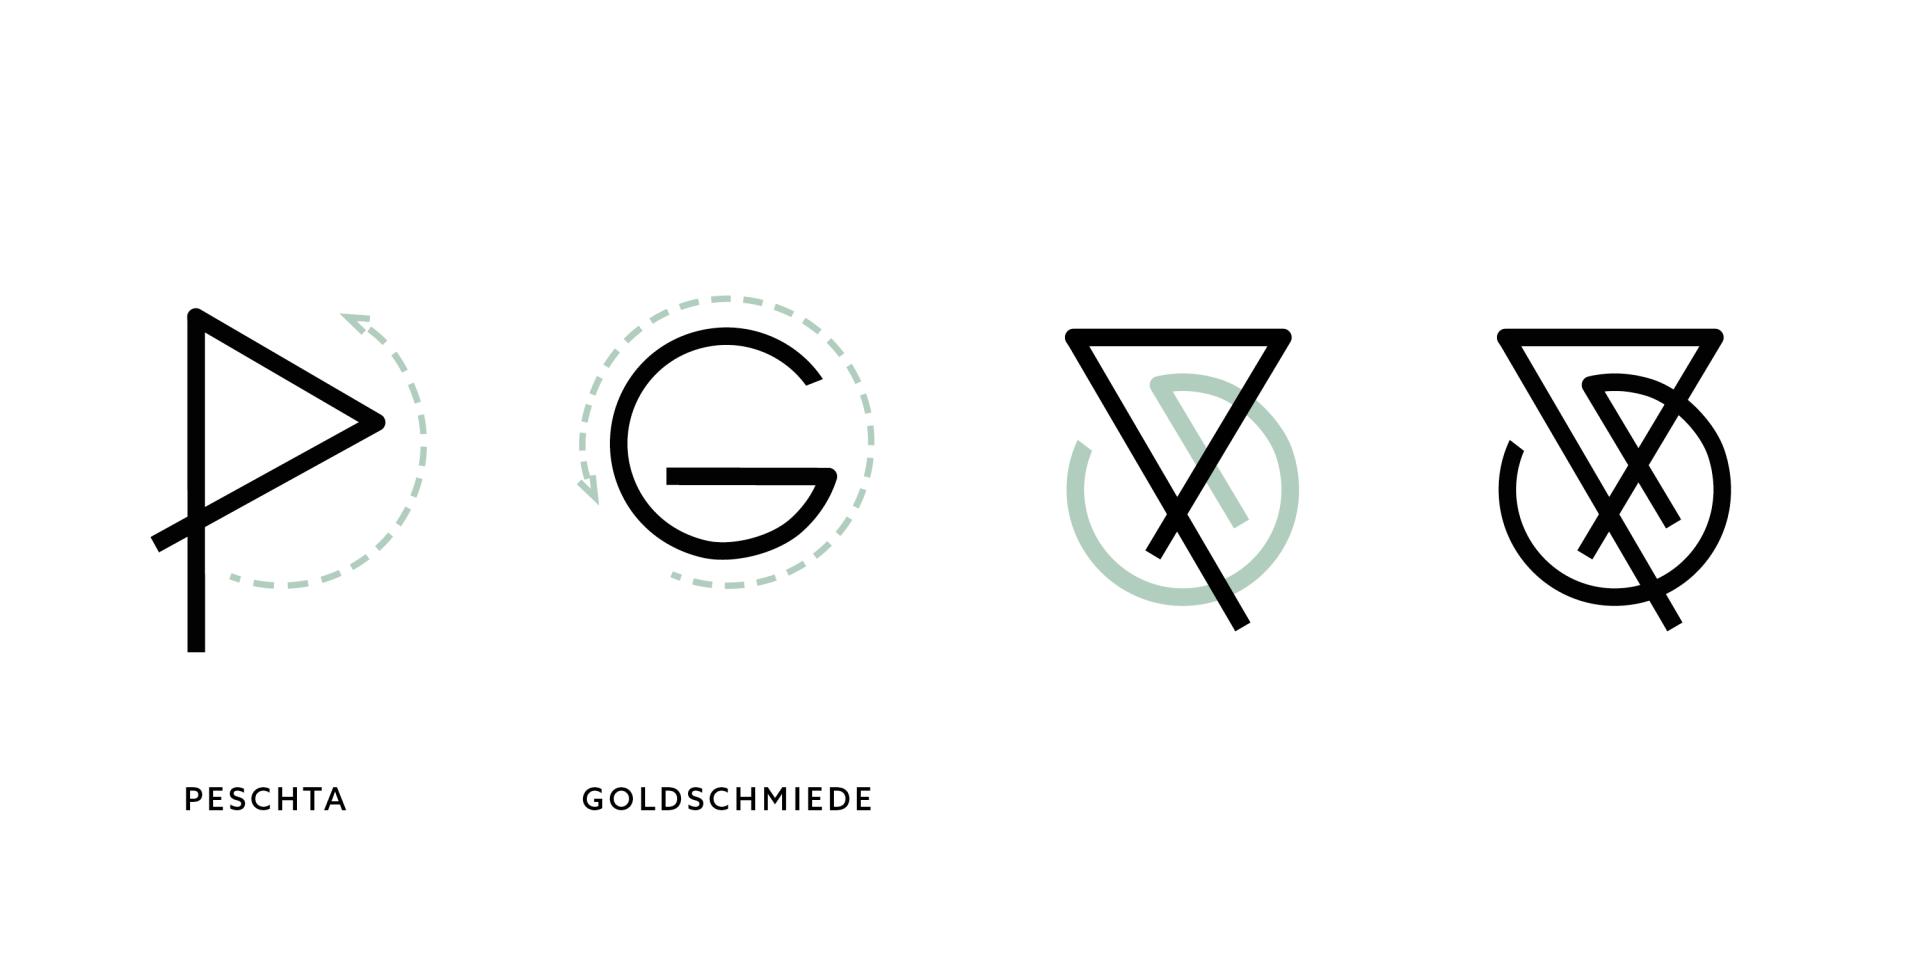 Grafikum Peschta Goldschmiede